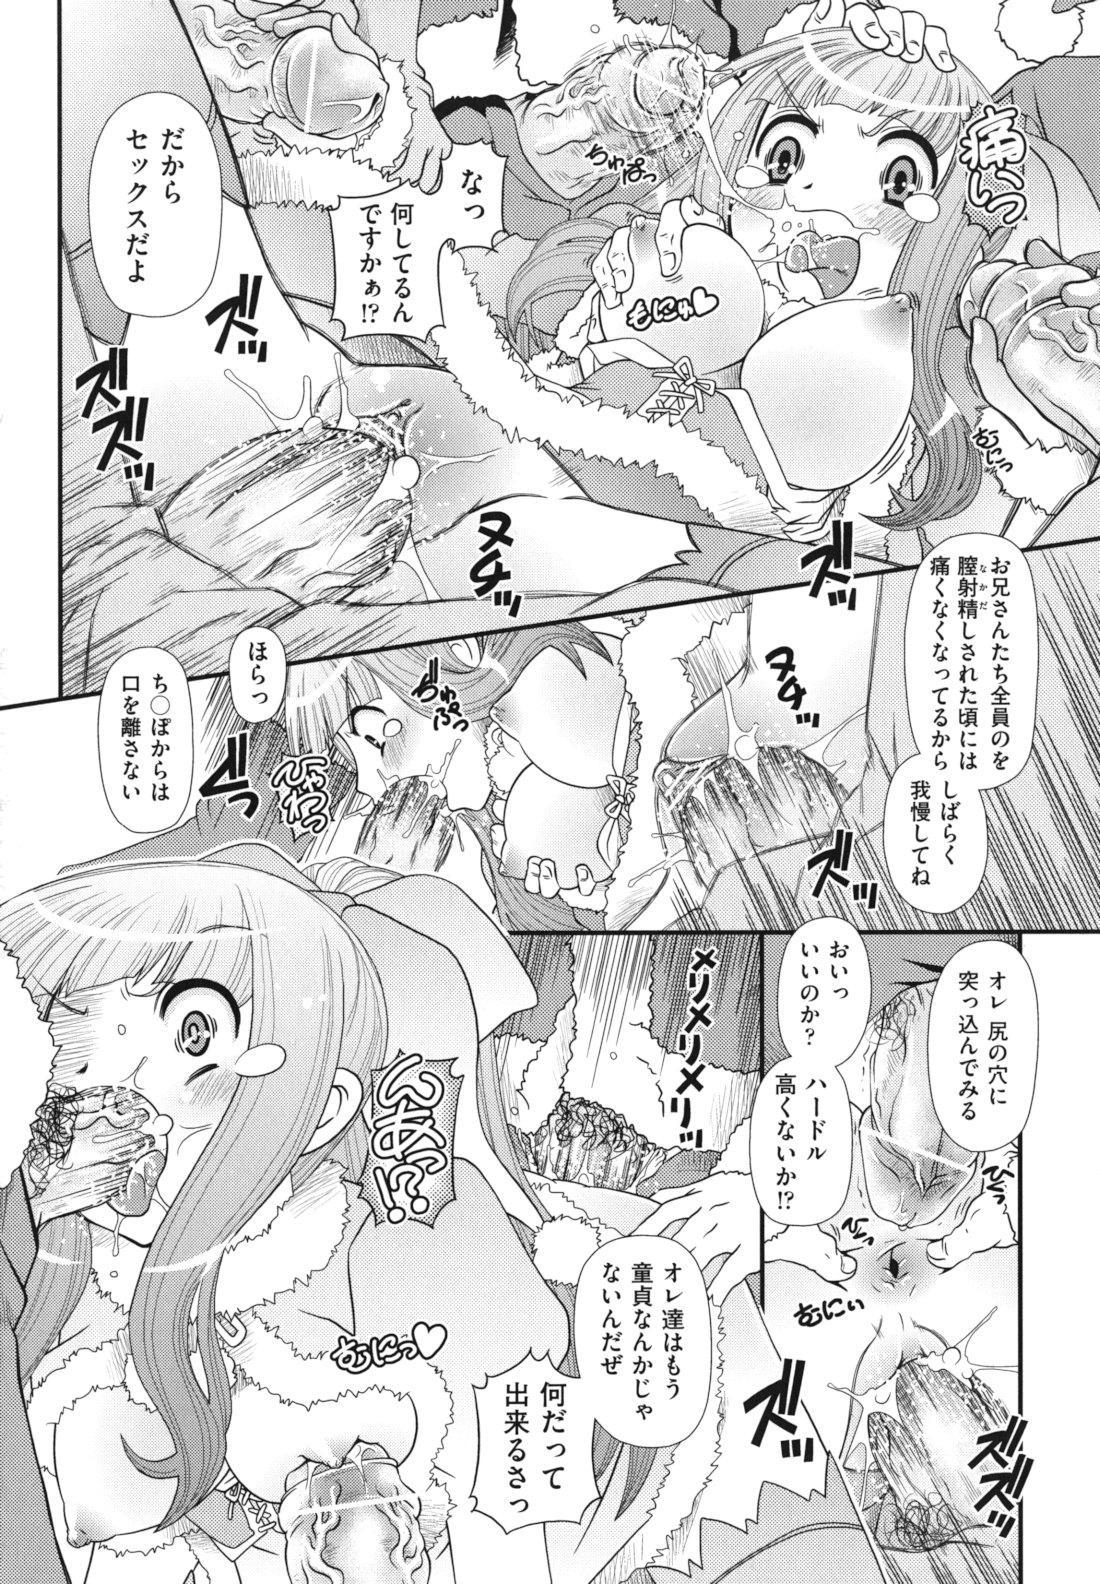 Twintail de Kneesocks no Onnanoko tachi ga Kyakkya de Ufufu♥ 118